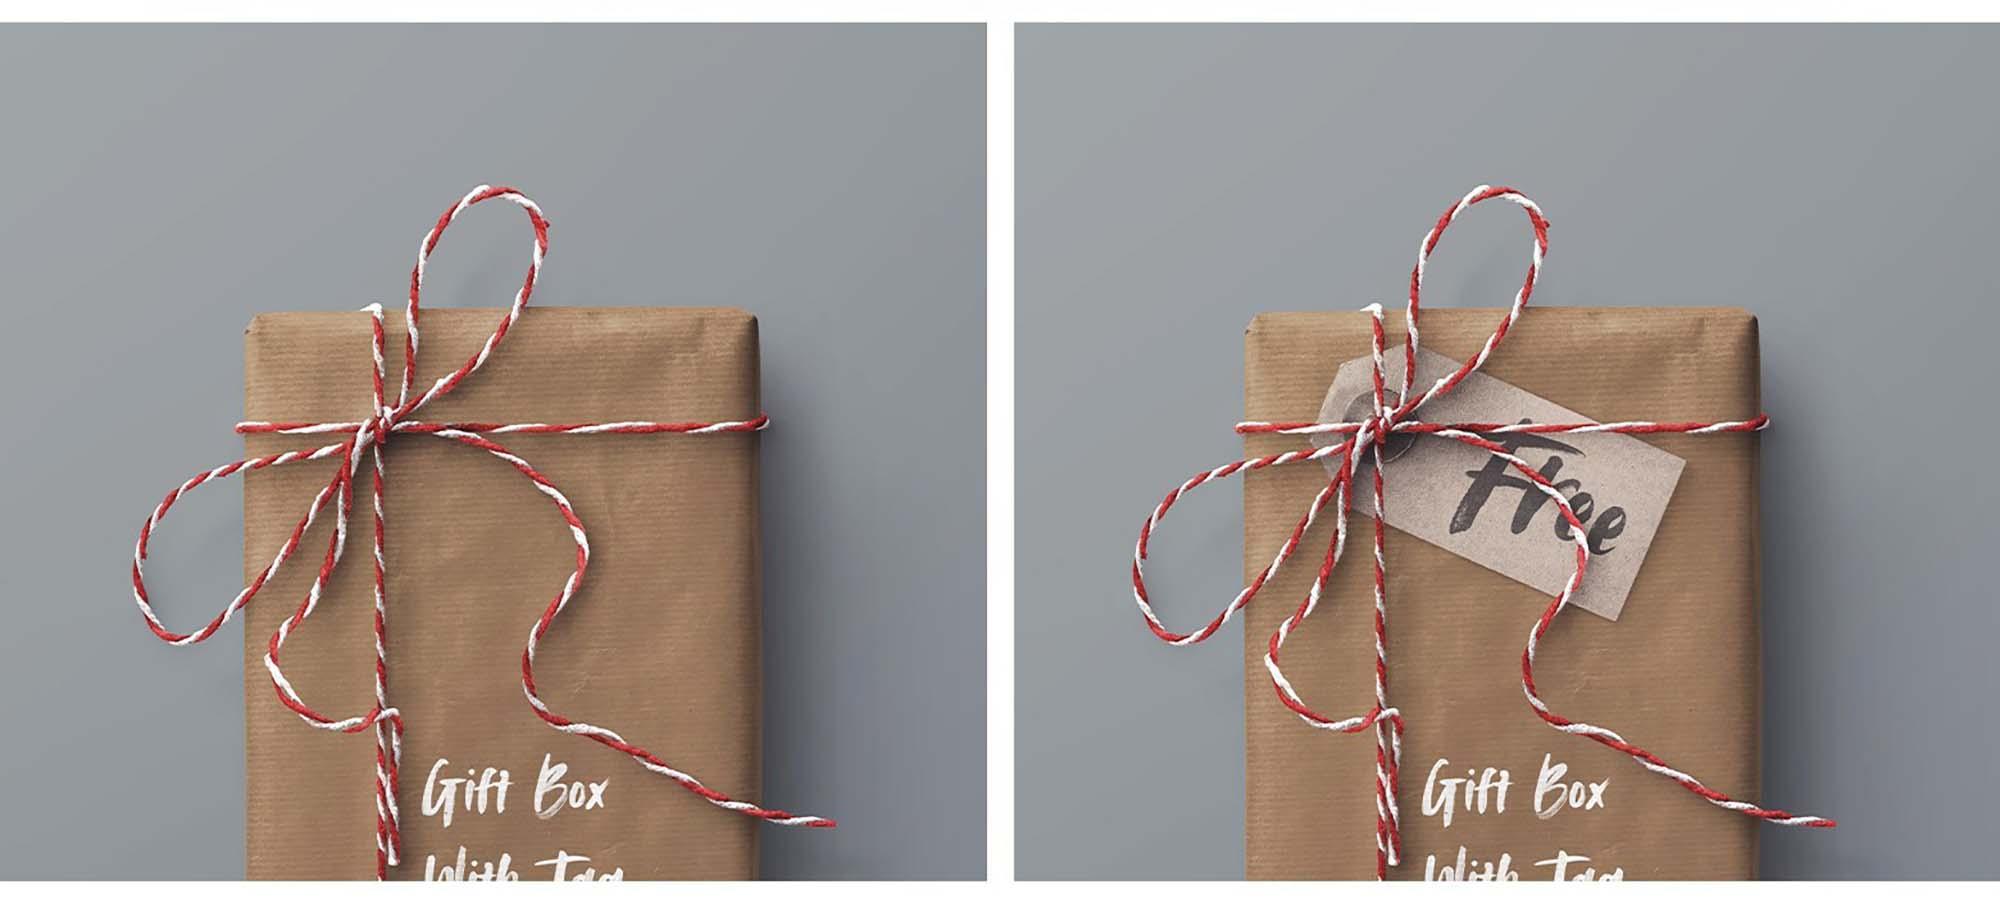 Gift Box and Tag Mockup 4